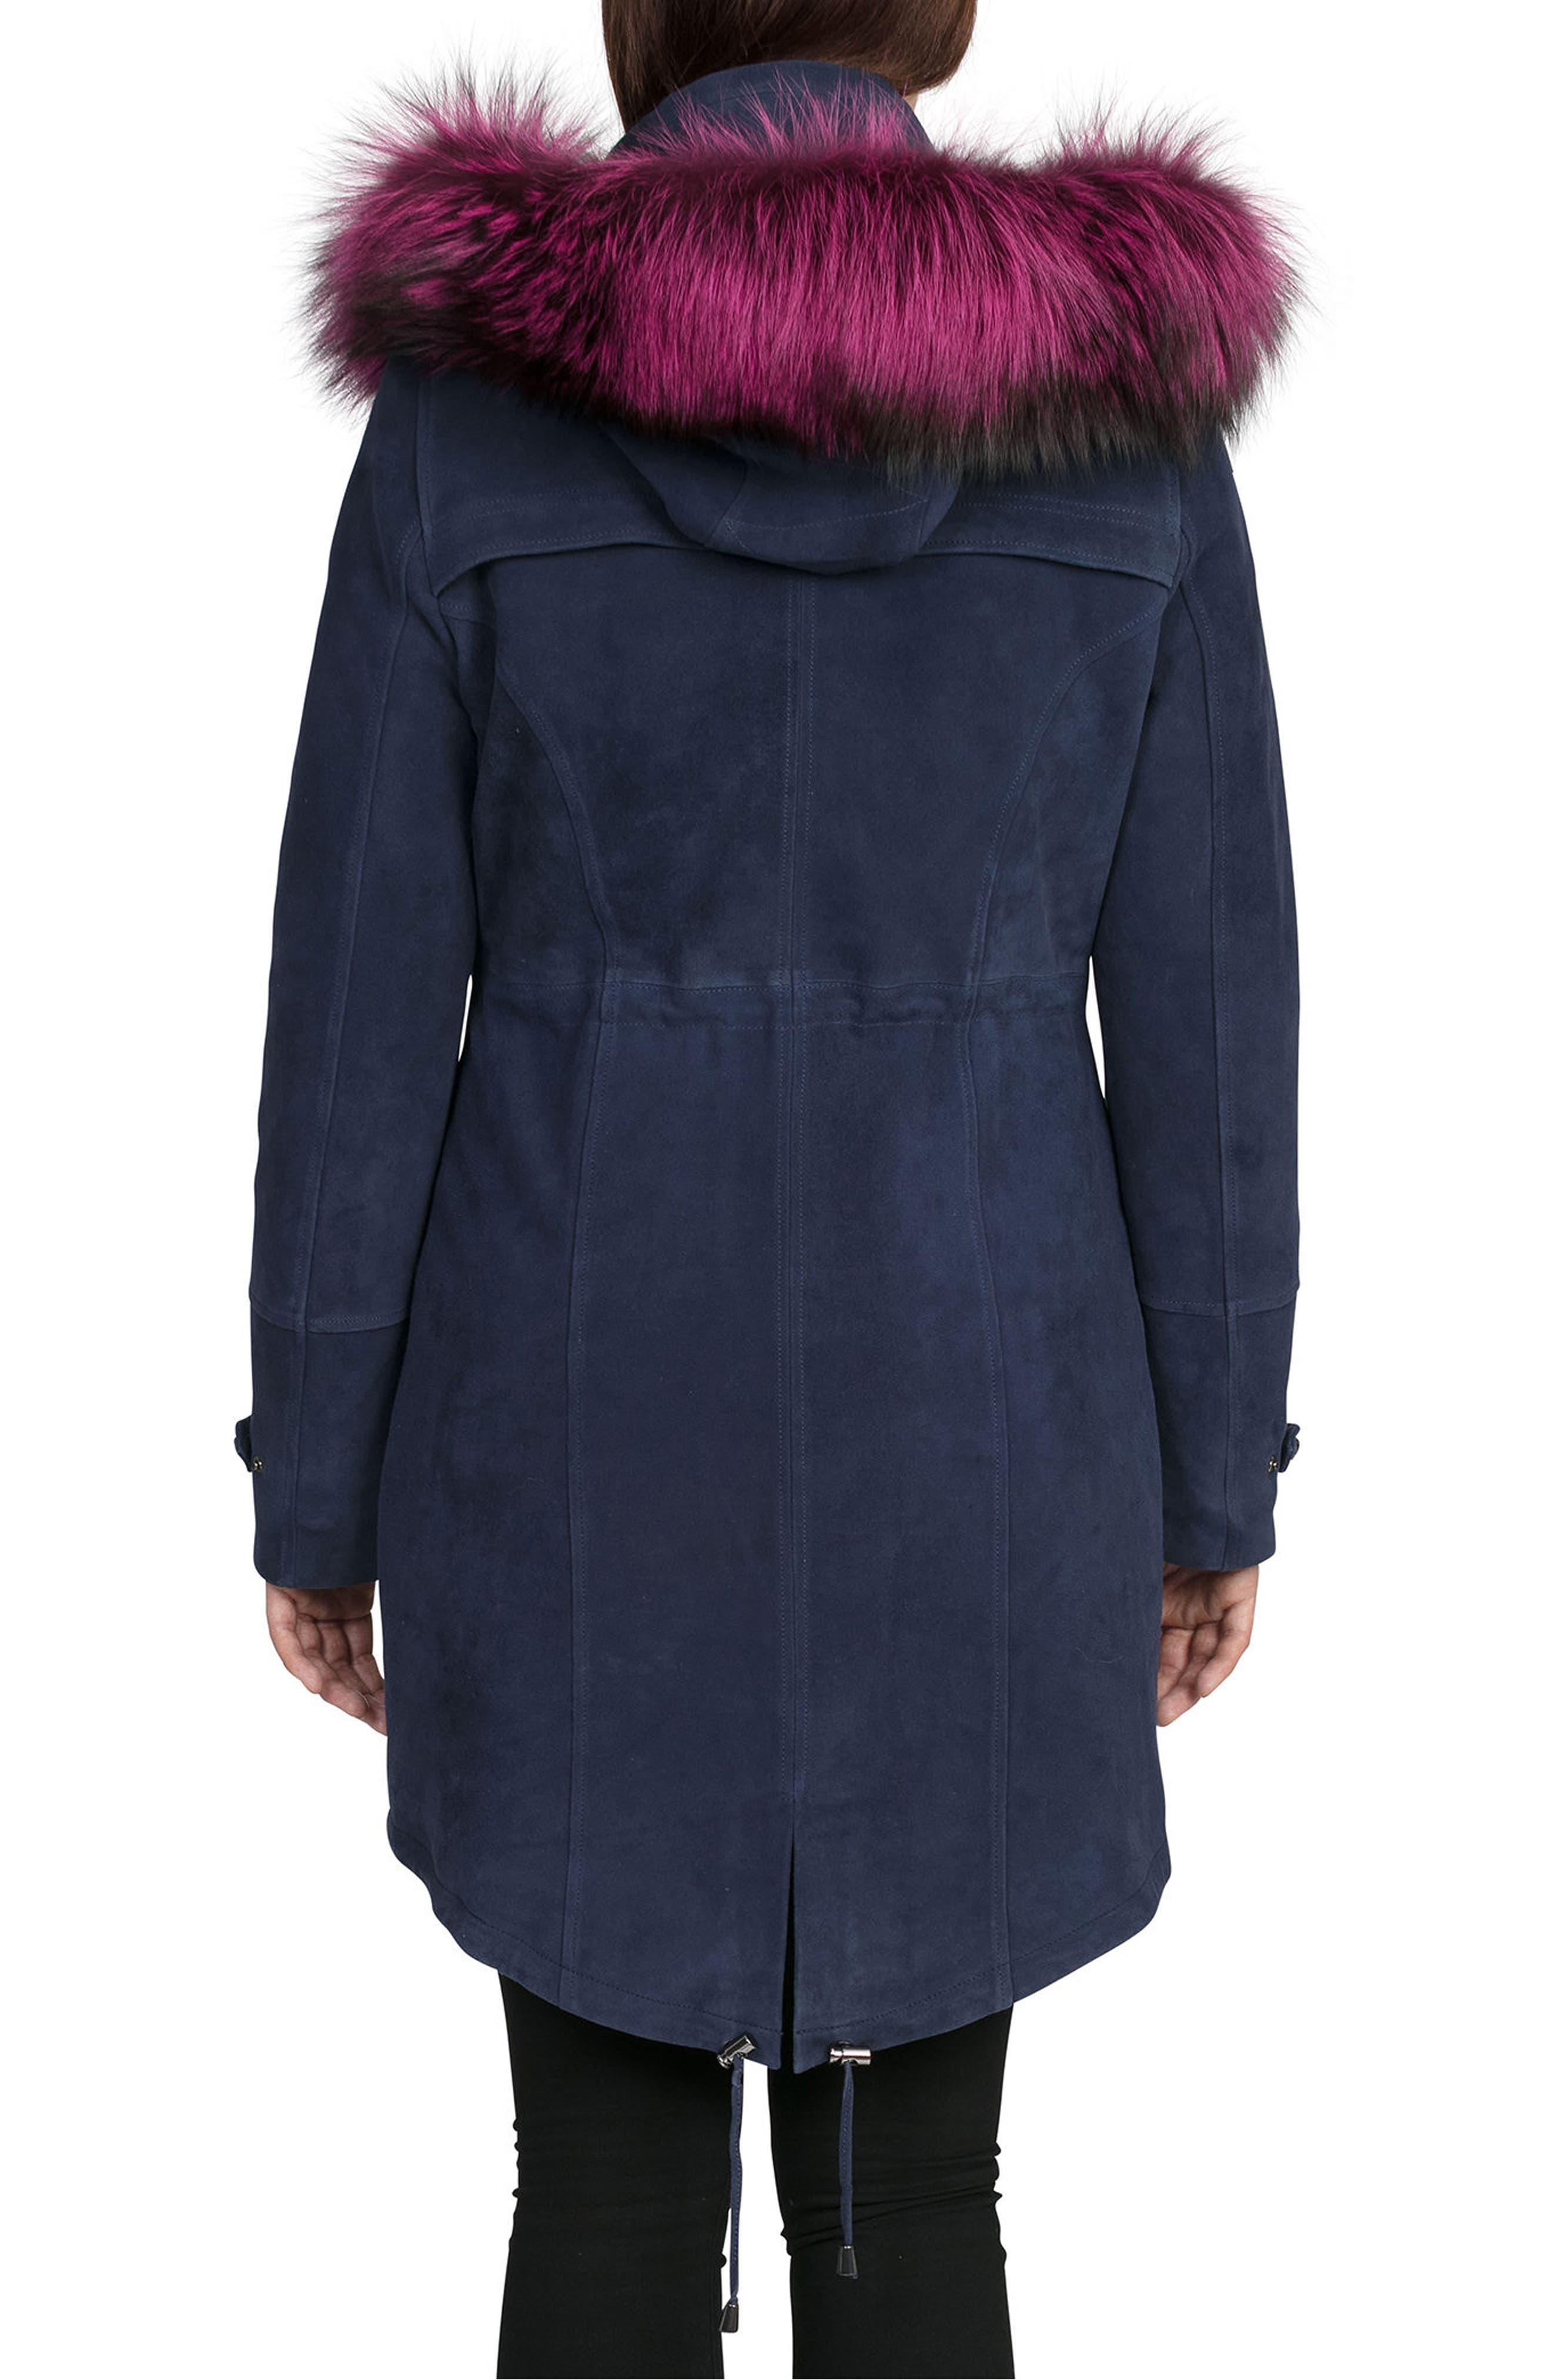 BAGATELLE.CITY The Parka Suede Coat with Genuine Fox Fur Trim,                             Alternate thumbnail 2, color,                             402